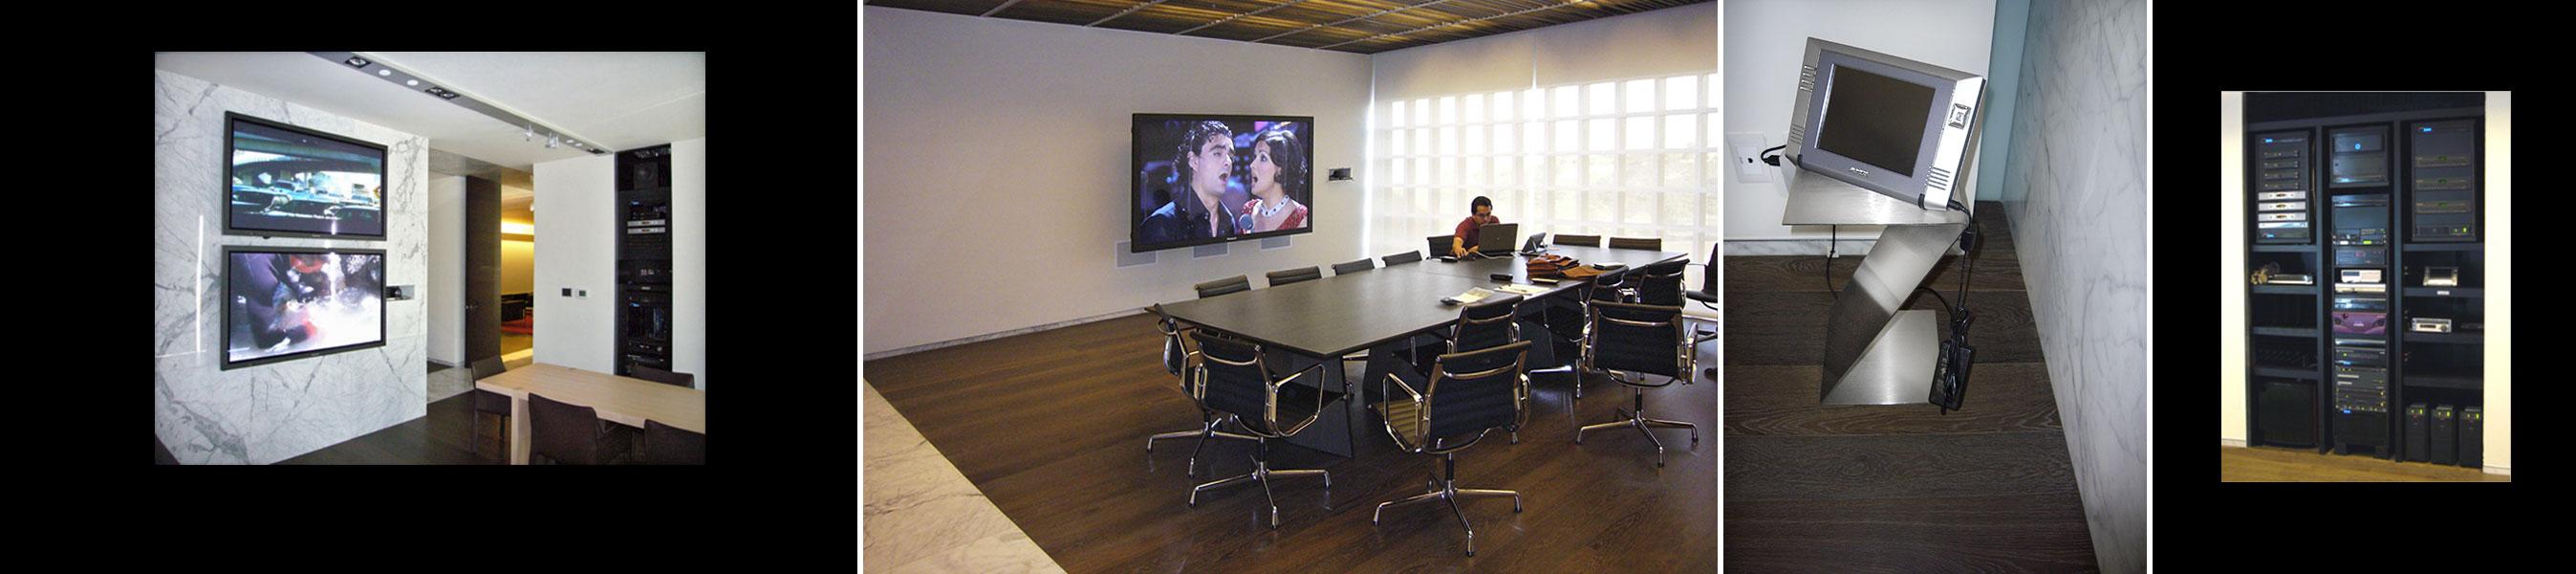 2007 – Oficinas Santa Fe